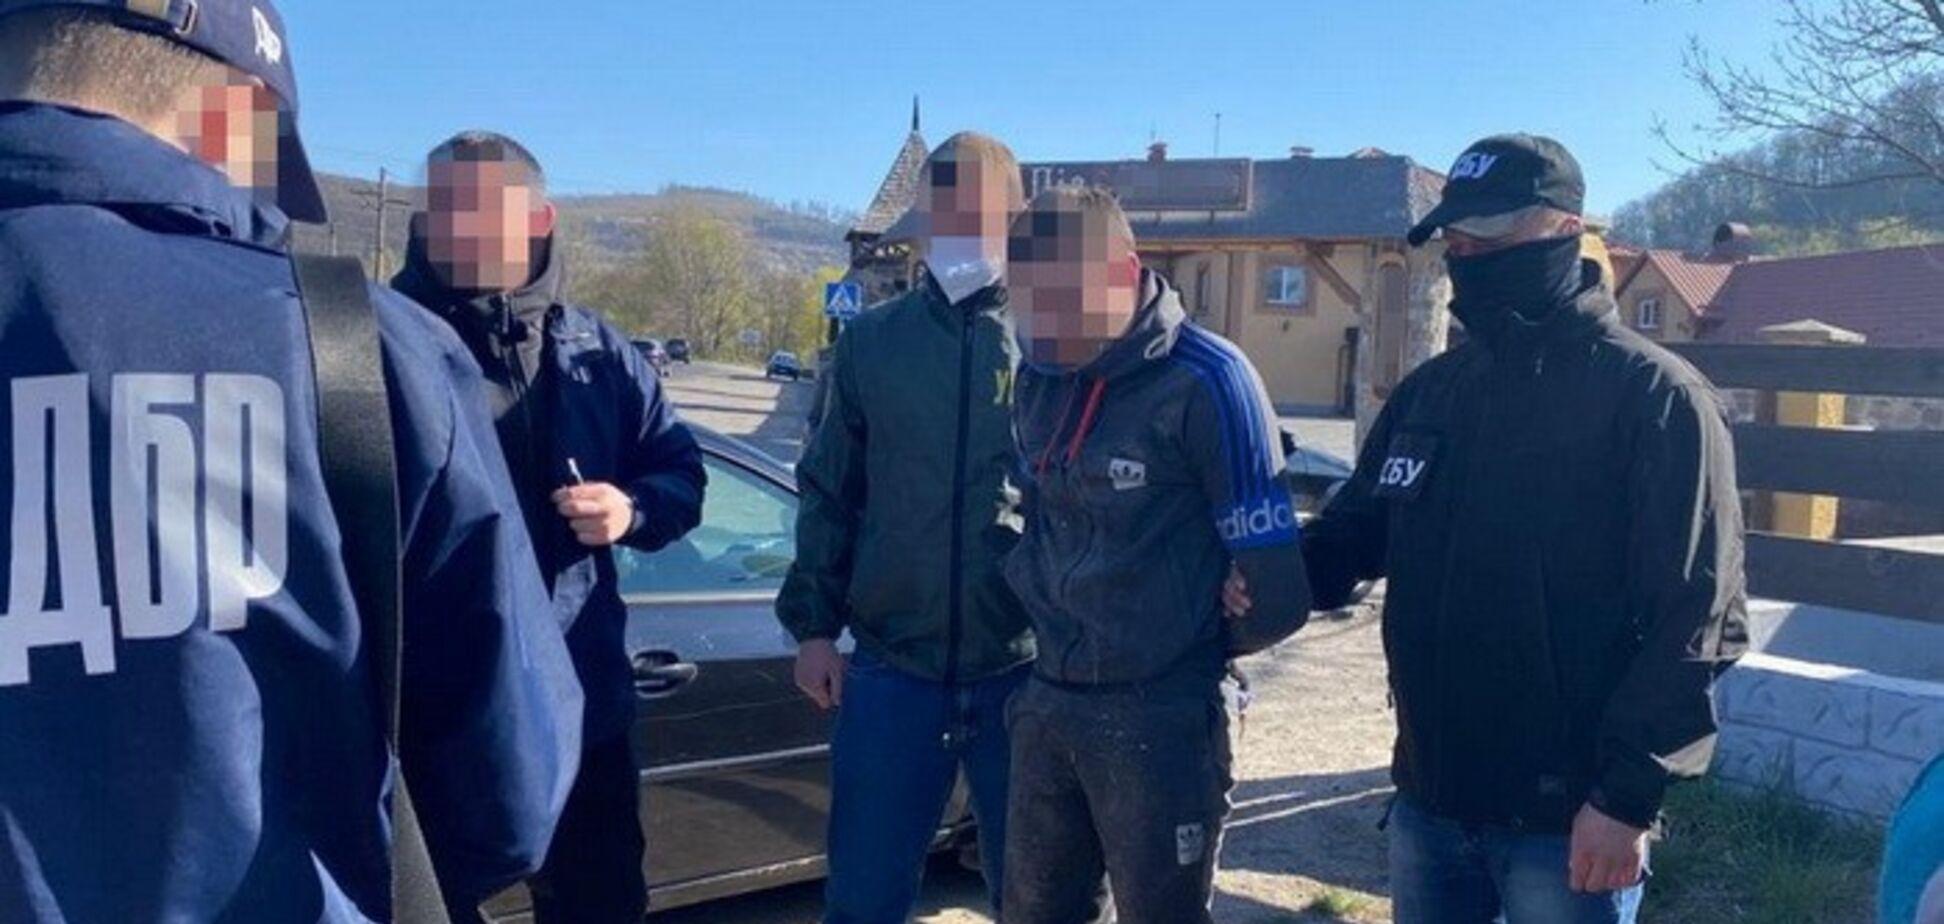 Содействовал контрабанде медицинских масок: СБУ задержала на взятке пограничника